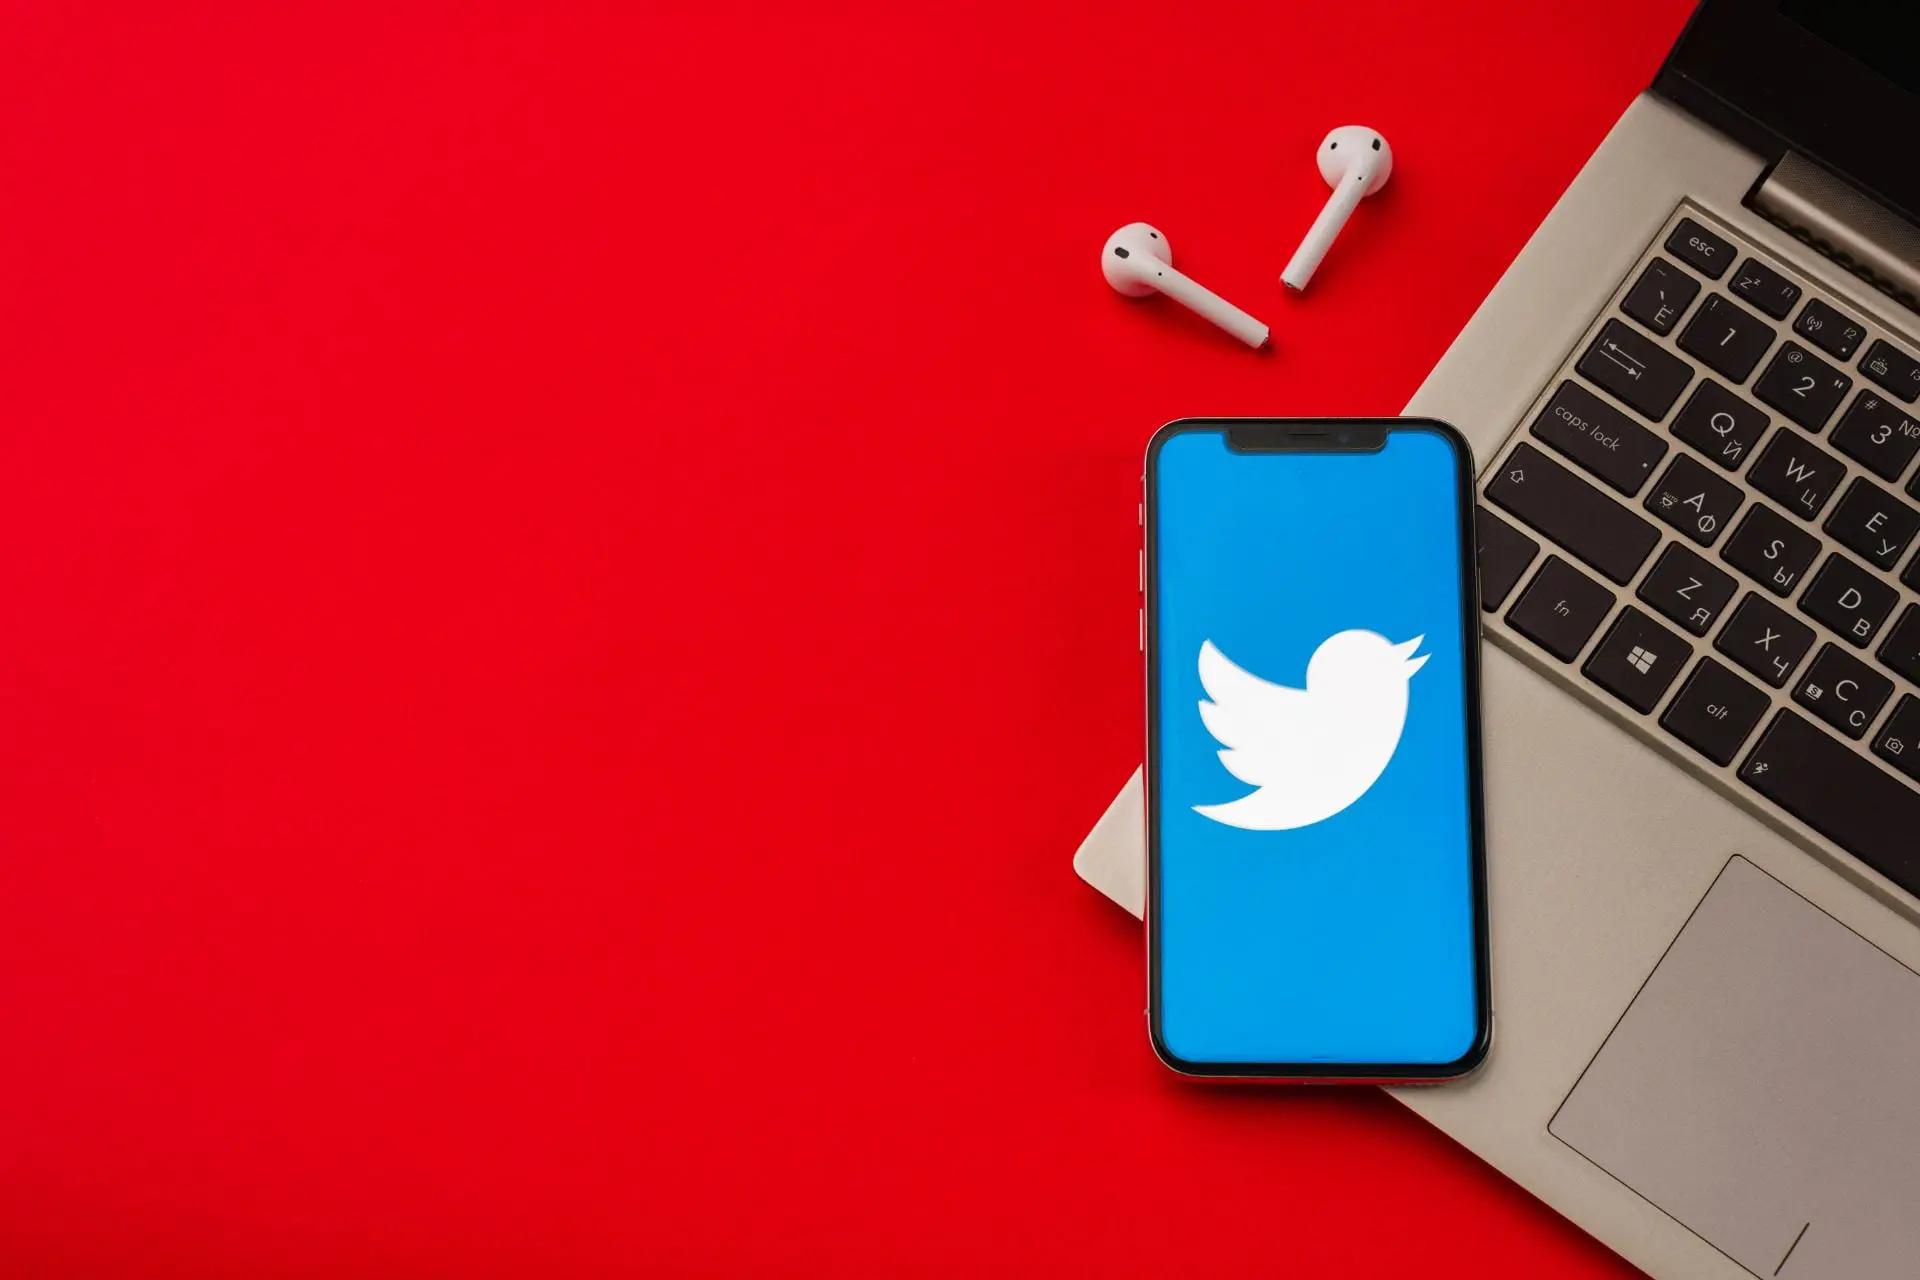 تويتر يمكن إضافة زر تعديل التغريدات .. لكن بشرط